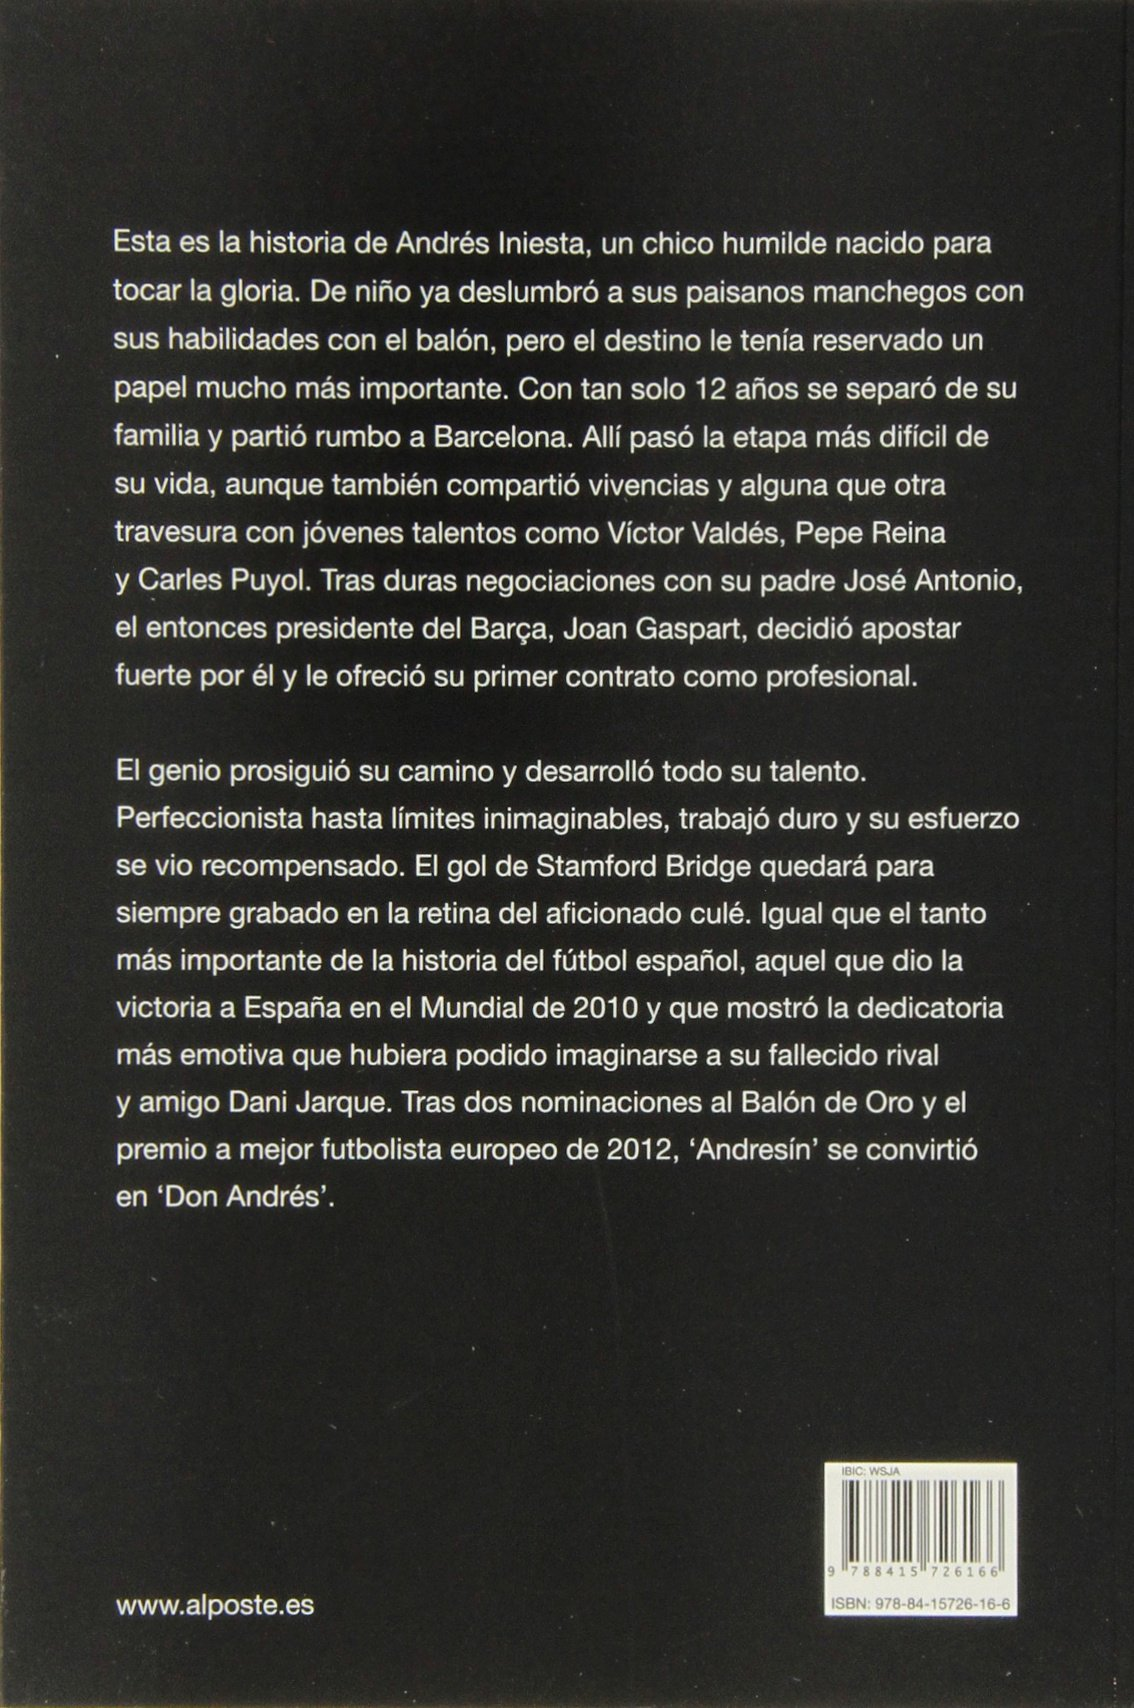 Iniesta: El genio discreto (DEPORTES - FUTBOL): Amazon.es: Malo ...